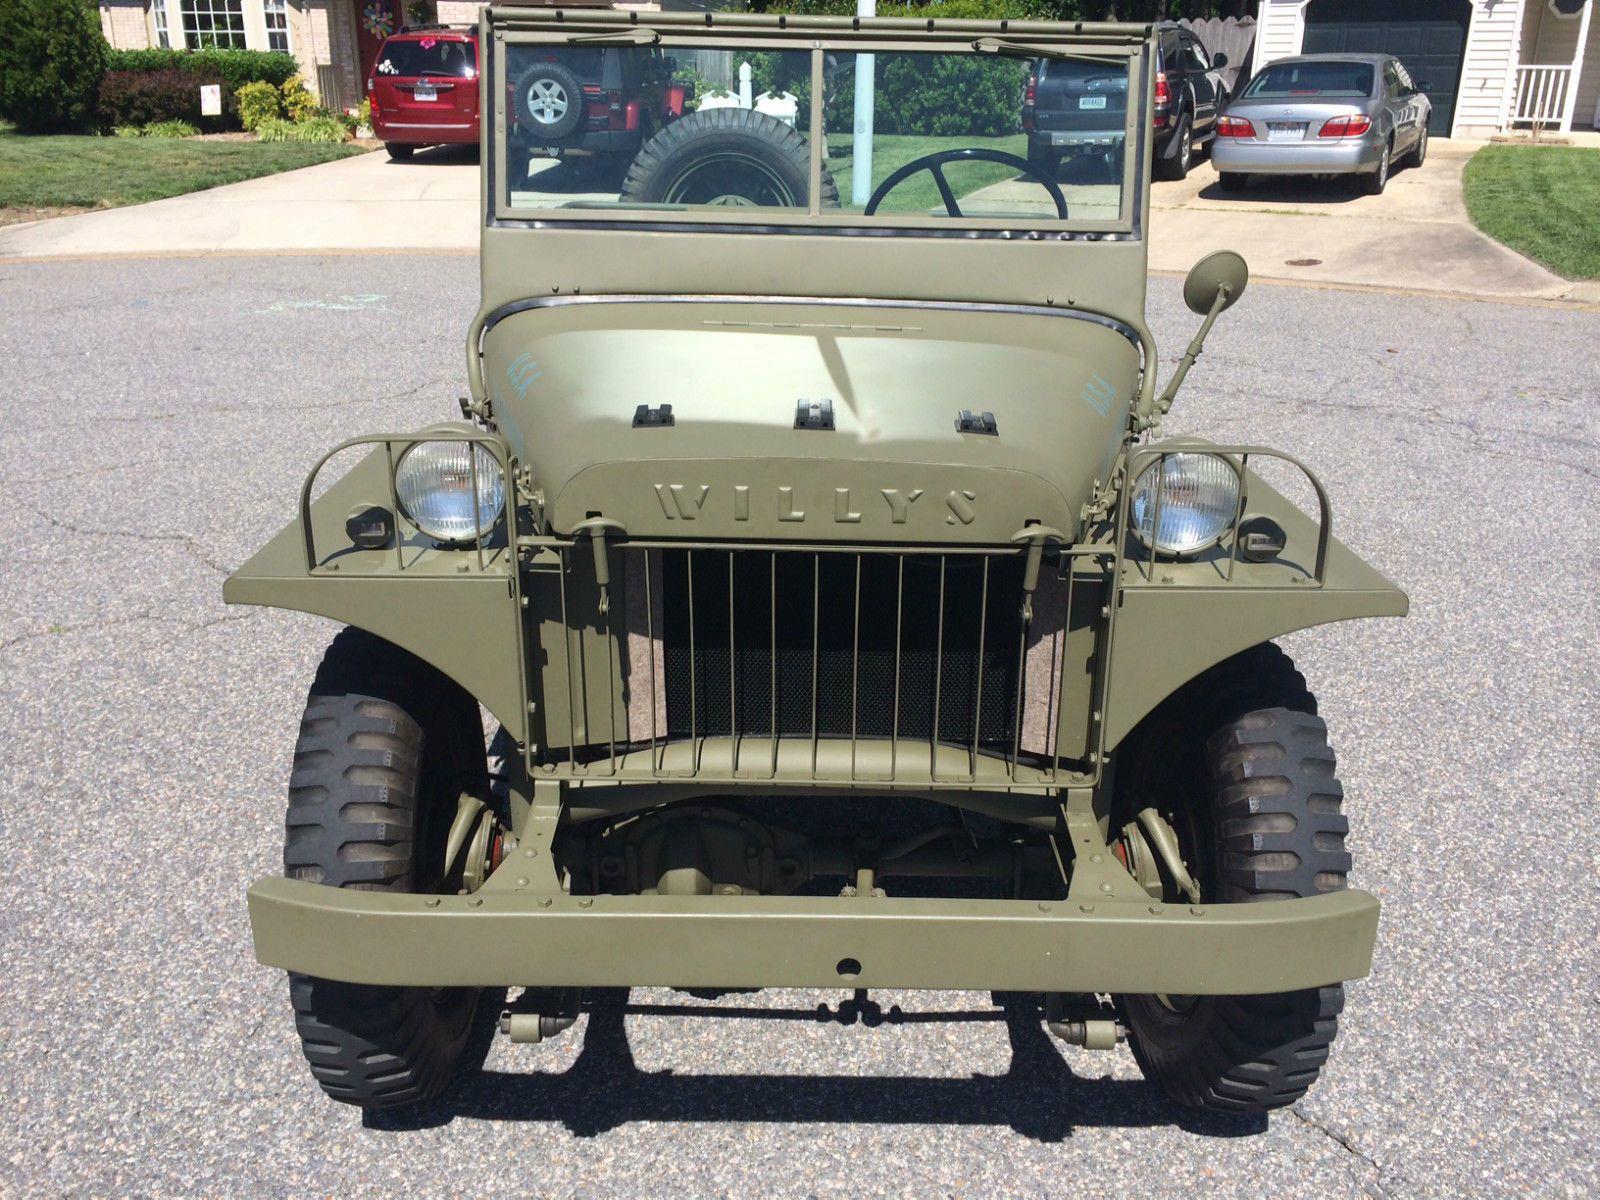 Willys ma ww2 prototype military jeep ma ww2 prototype military jeep